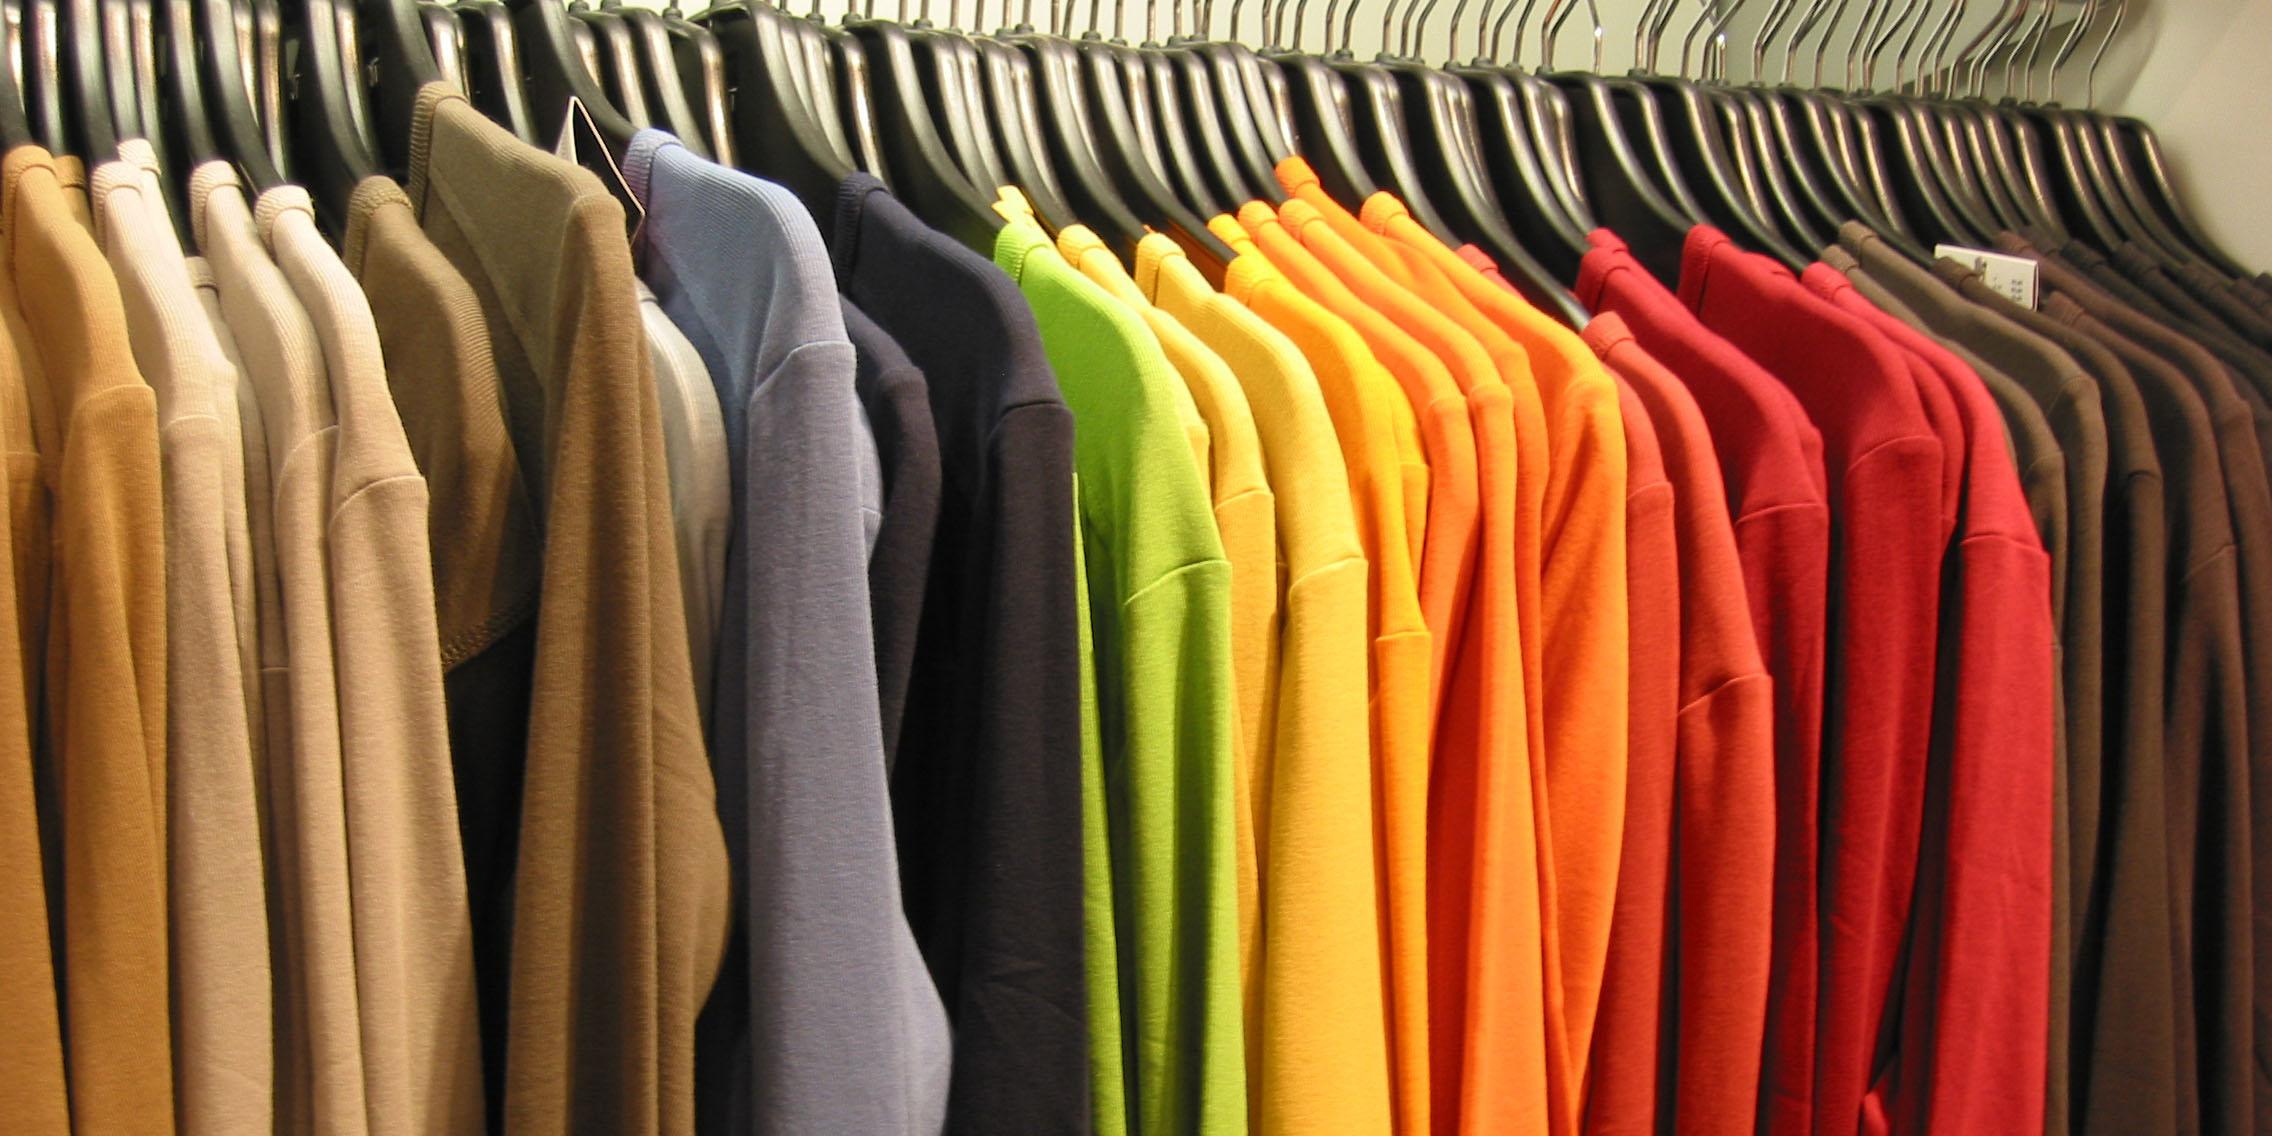 ارزیابی بخشنامه مبارزه با قاچاق پوشاک